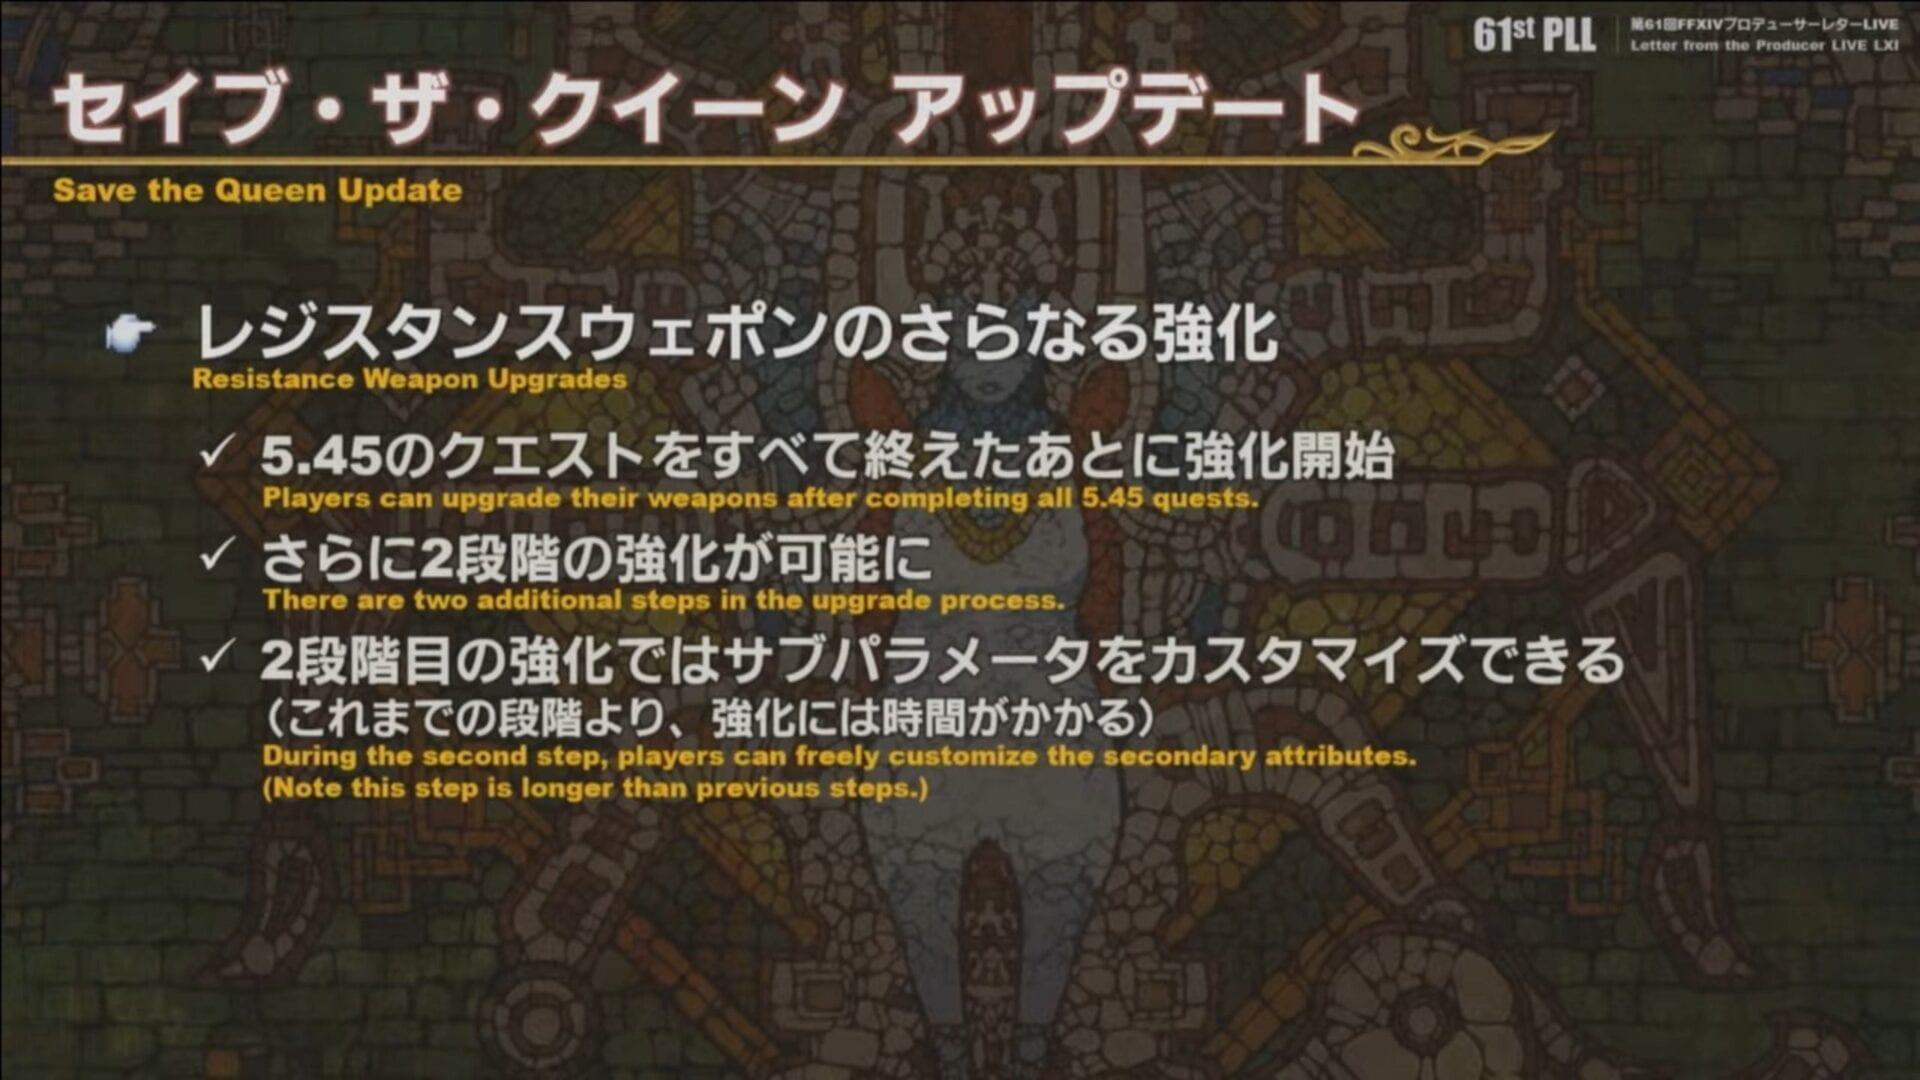 Final-Fantasy-XIV-8-1-scaled.jpg?ssl=1